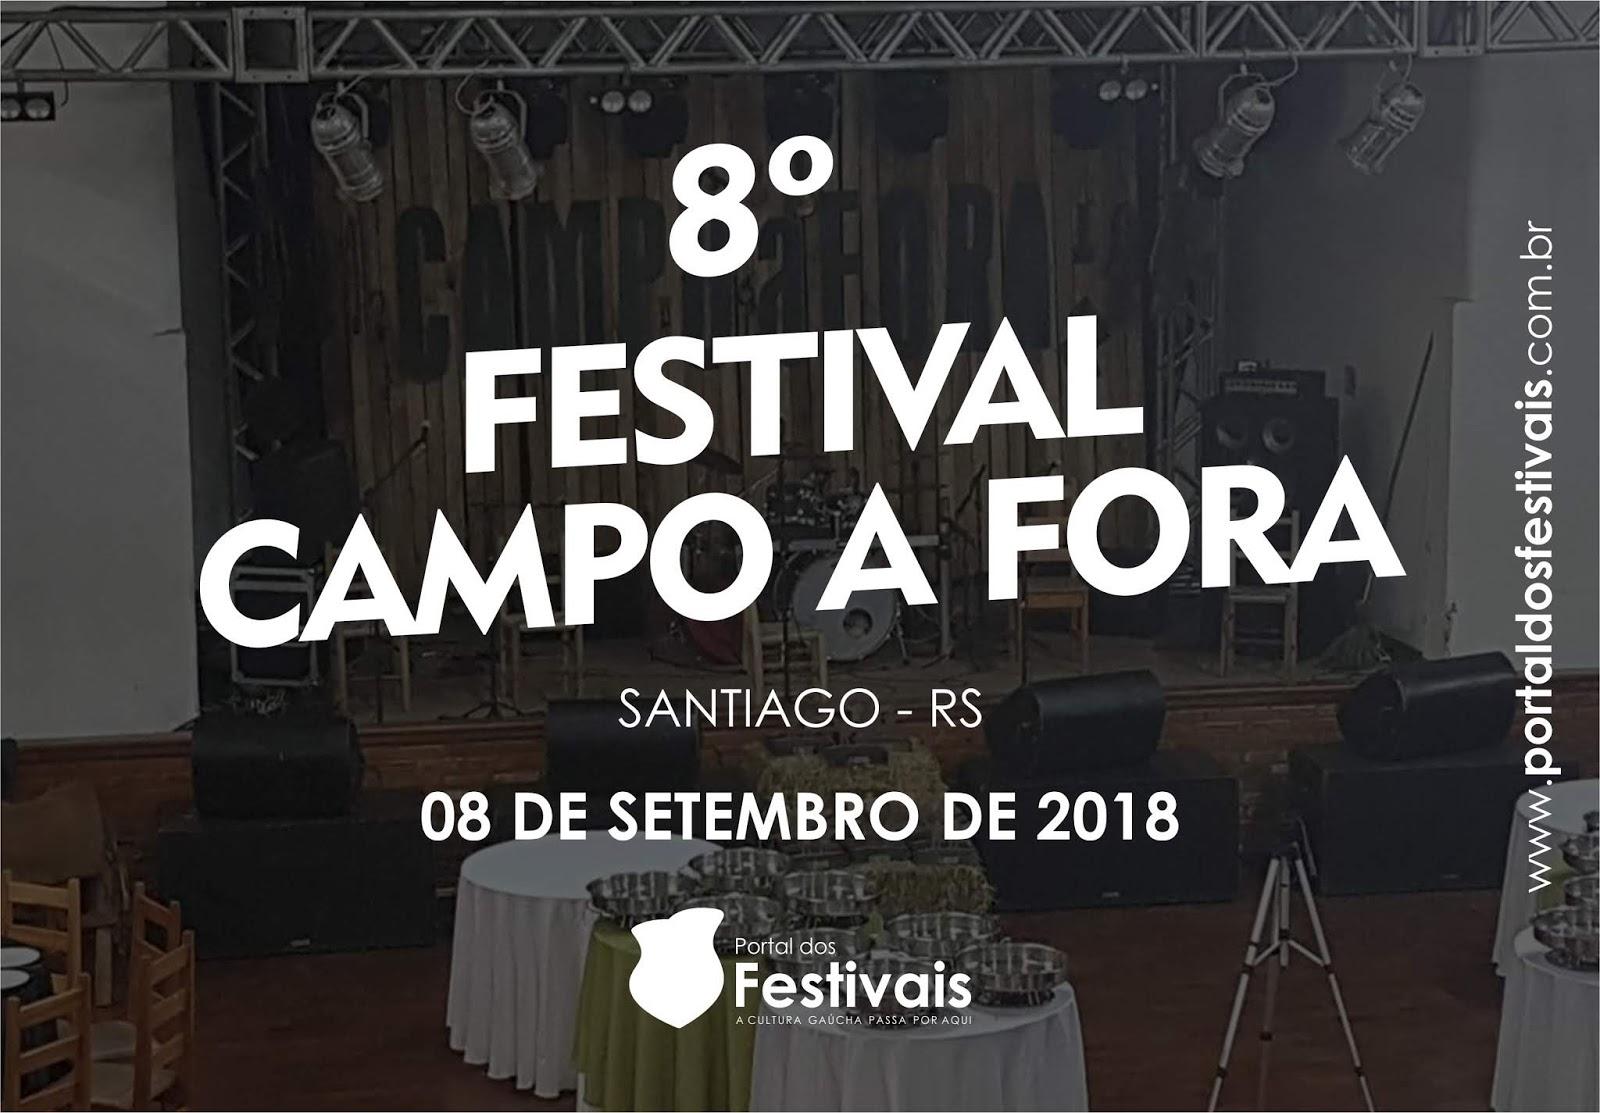 Divulgadas as músicas classificadas para o 8º Festival Campo a Fora da cidade de Santiago-RS